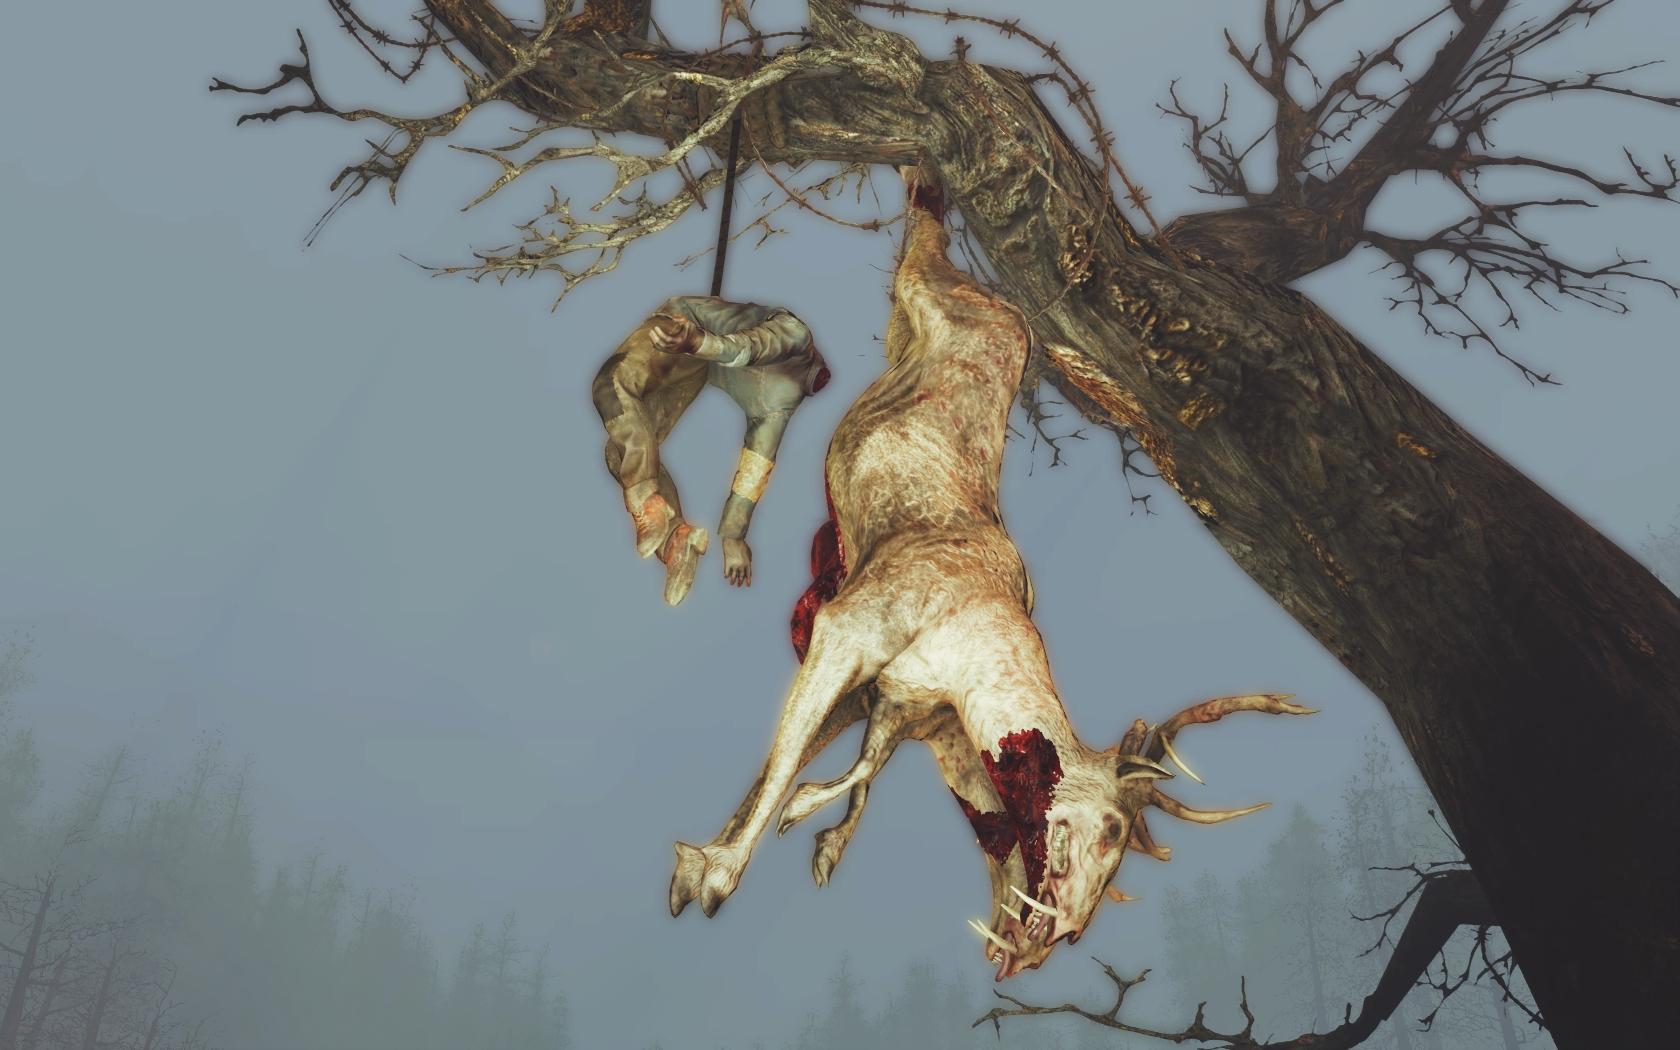 Что человек, что олень... Какая разница? Вешают всех! (Фар-Харбор, Старый домик у пруда) - Fallout 4 олень, Старый домик у пруда